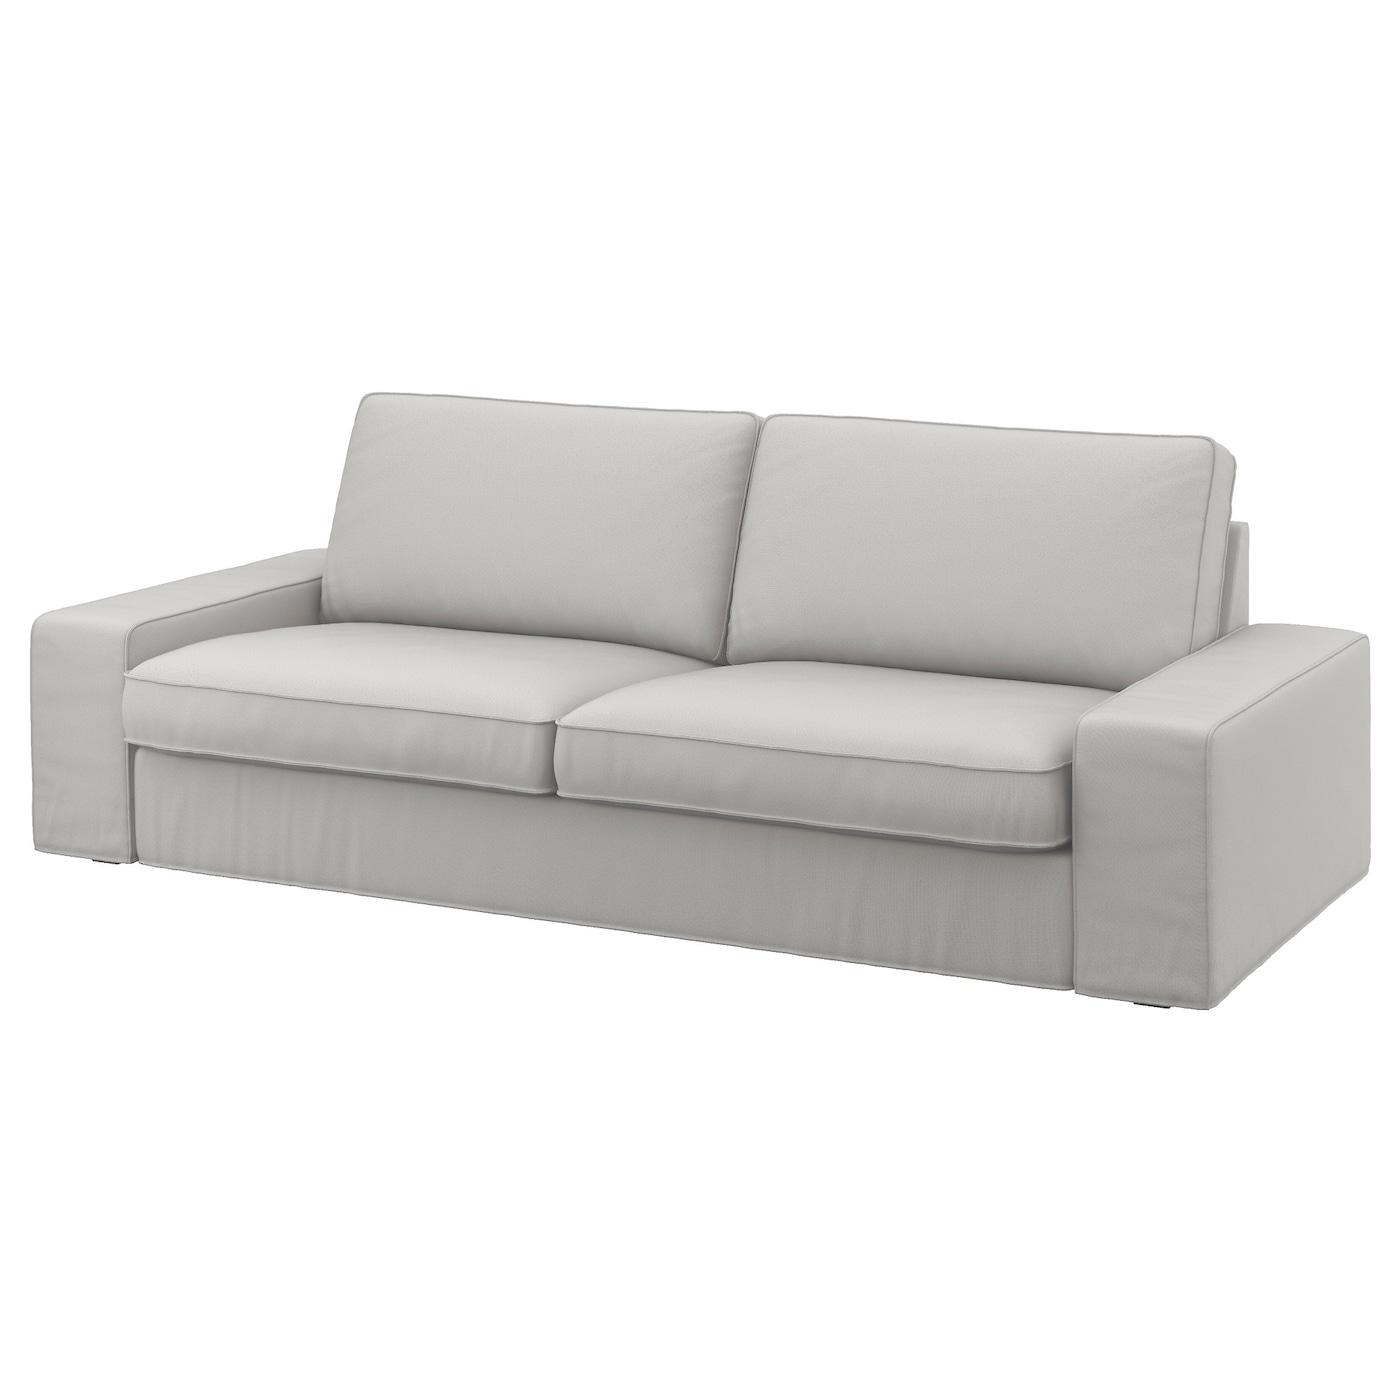 ikea three seater sofa grey